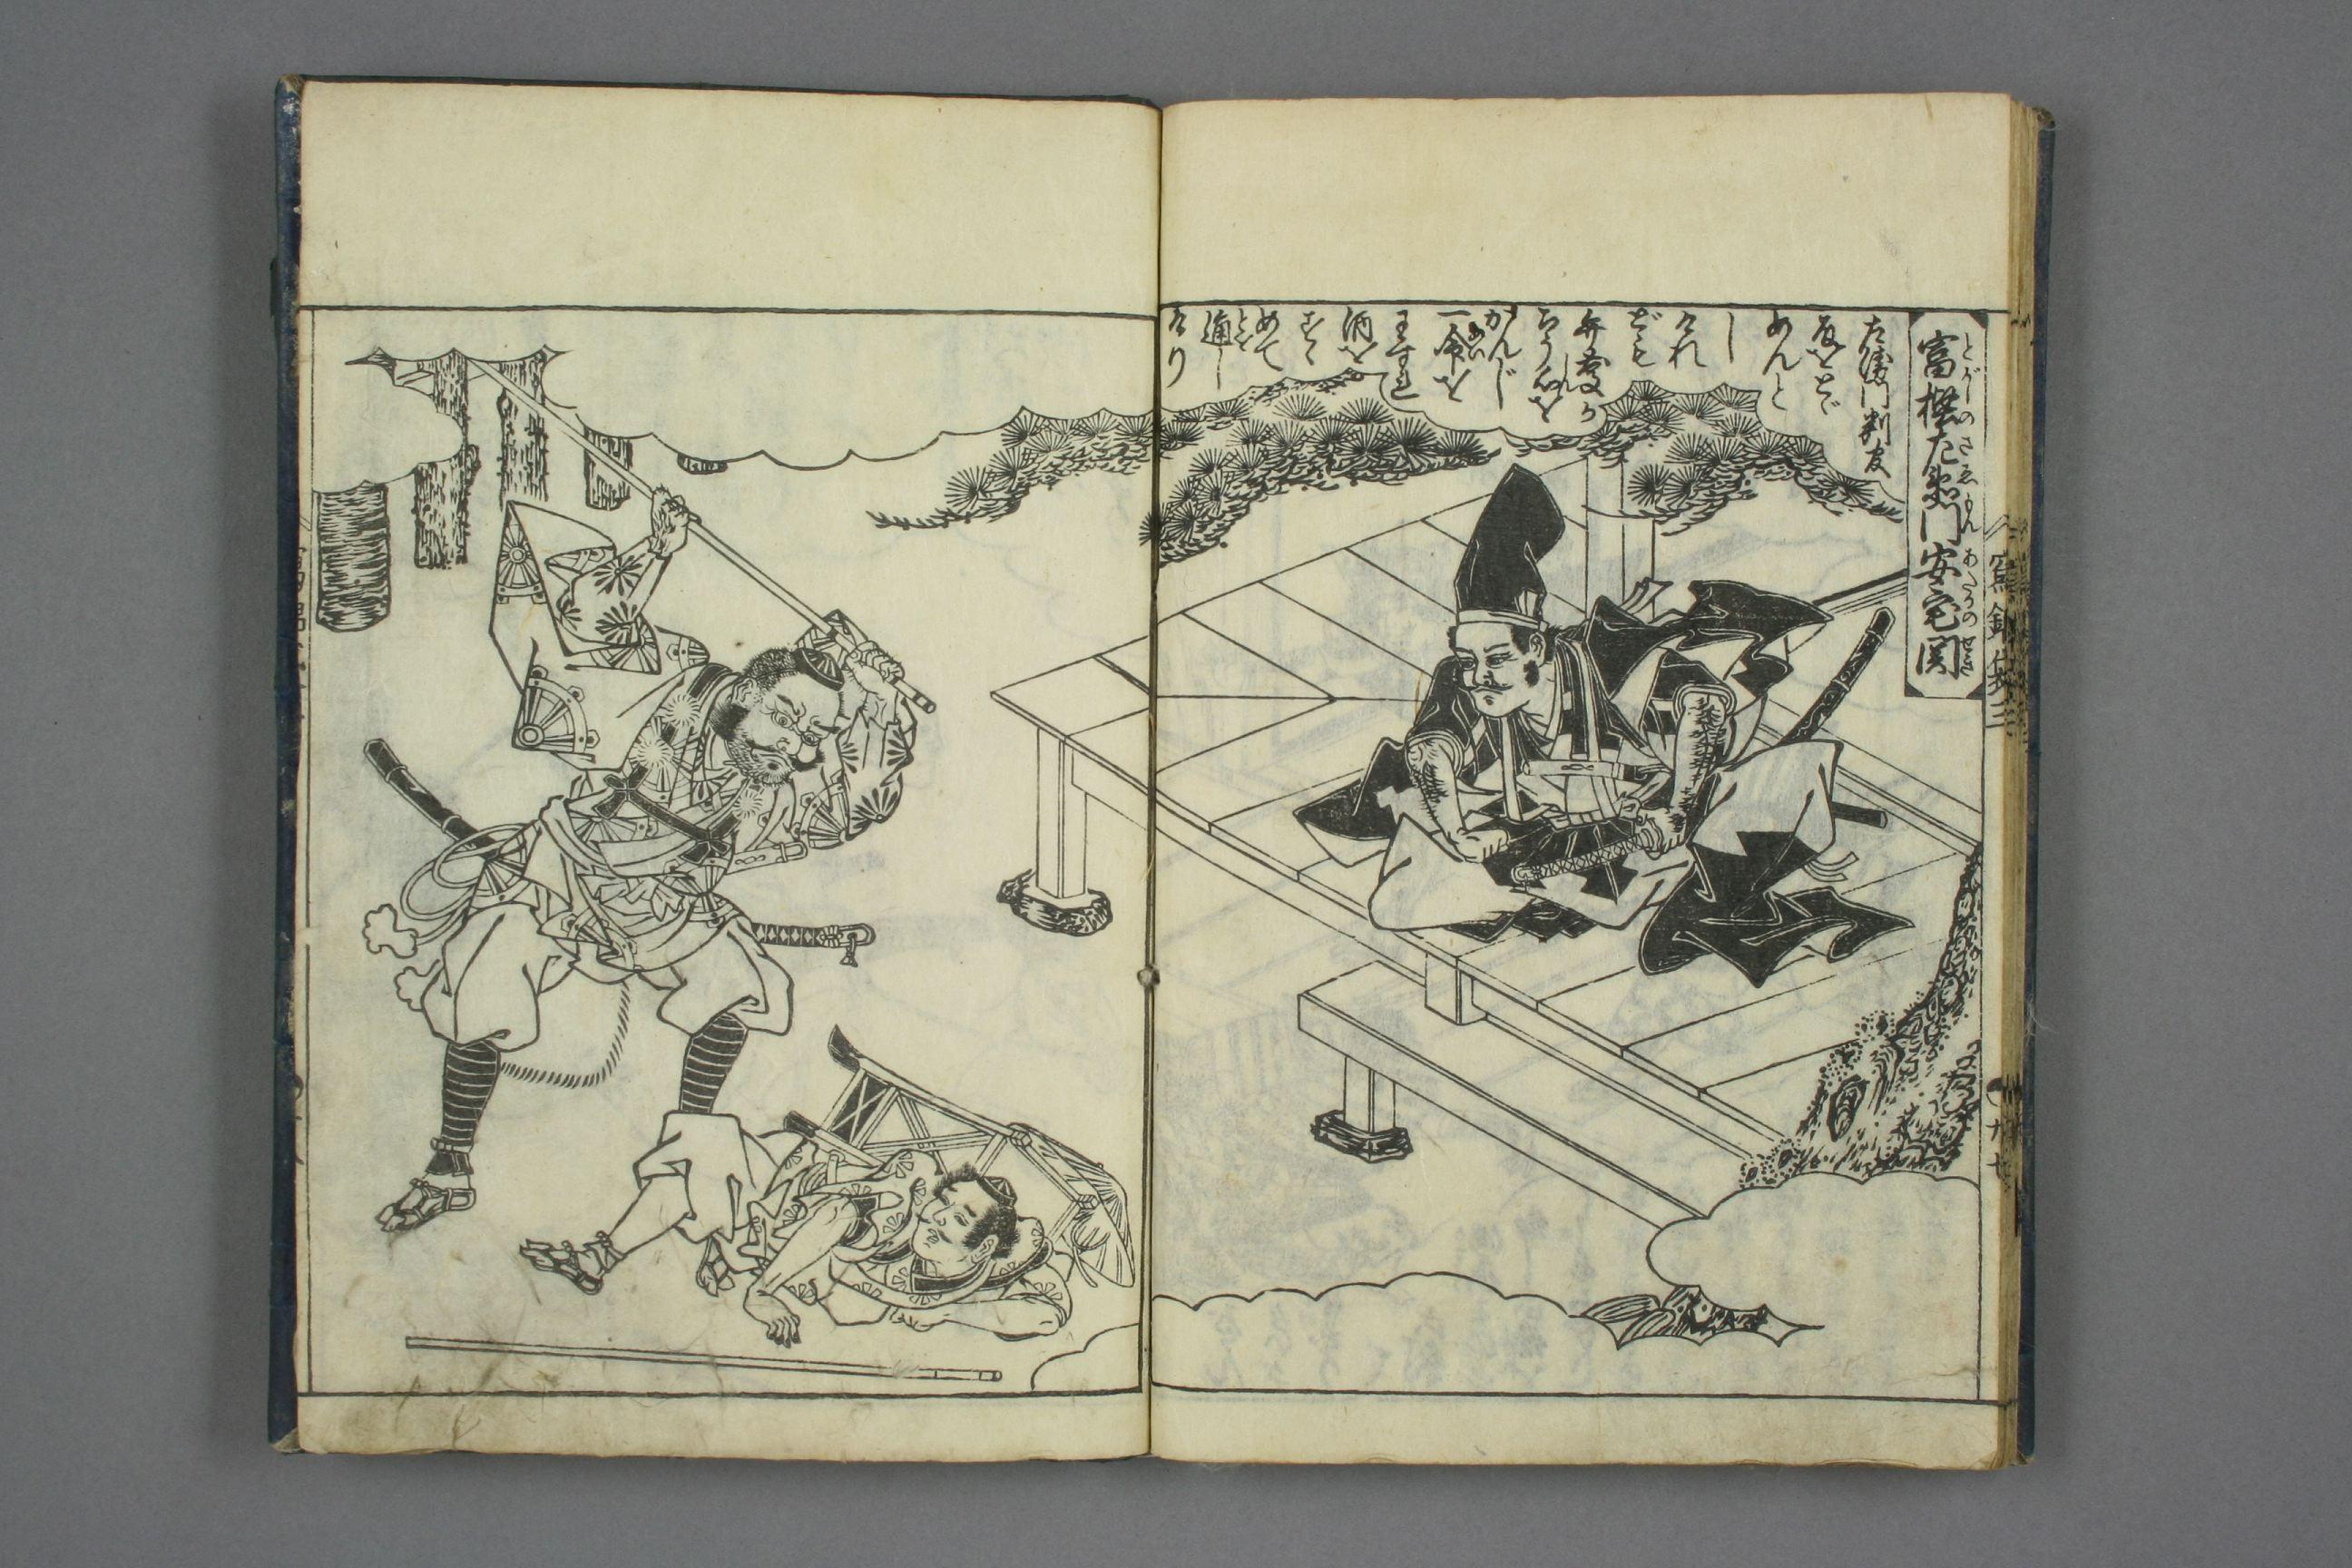 http://archive.wul.waseda.ac.jp/kosho/bunko06/bunko06_01293/bunko06_01293_0003/bunko06_01293_0003_p0022.jpg